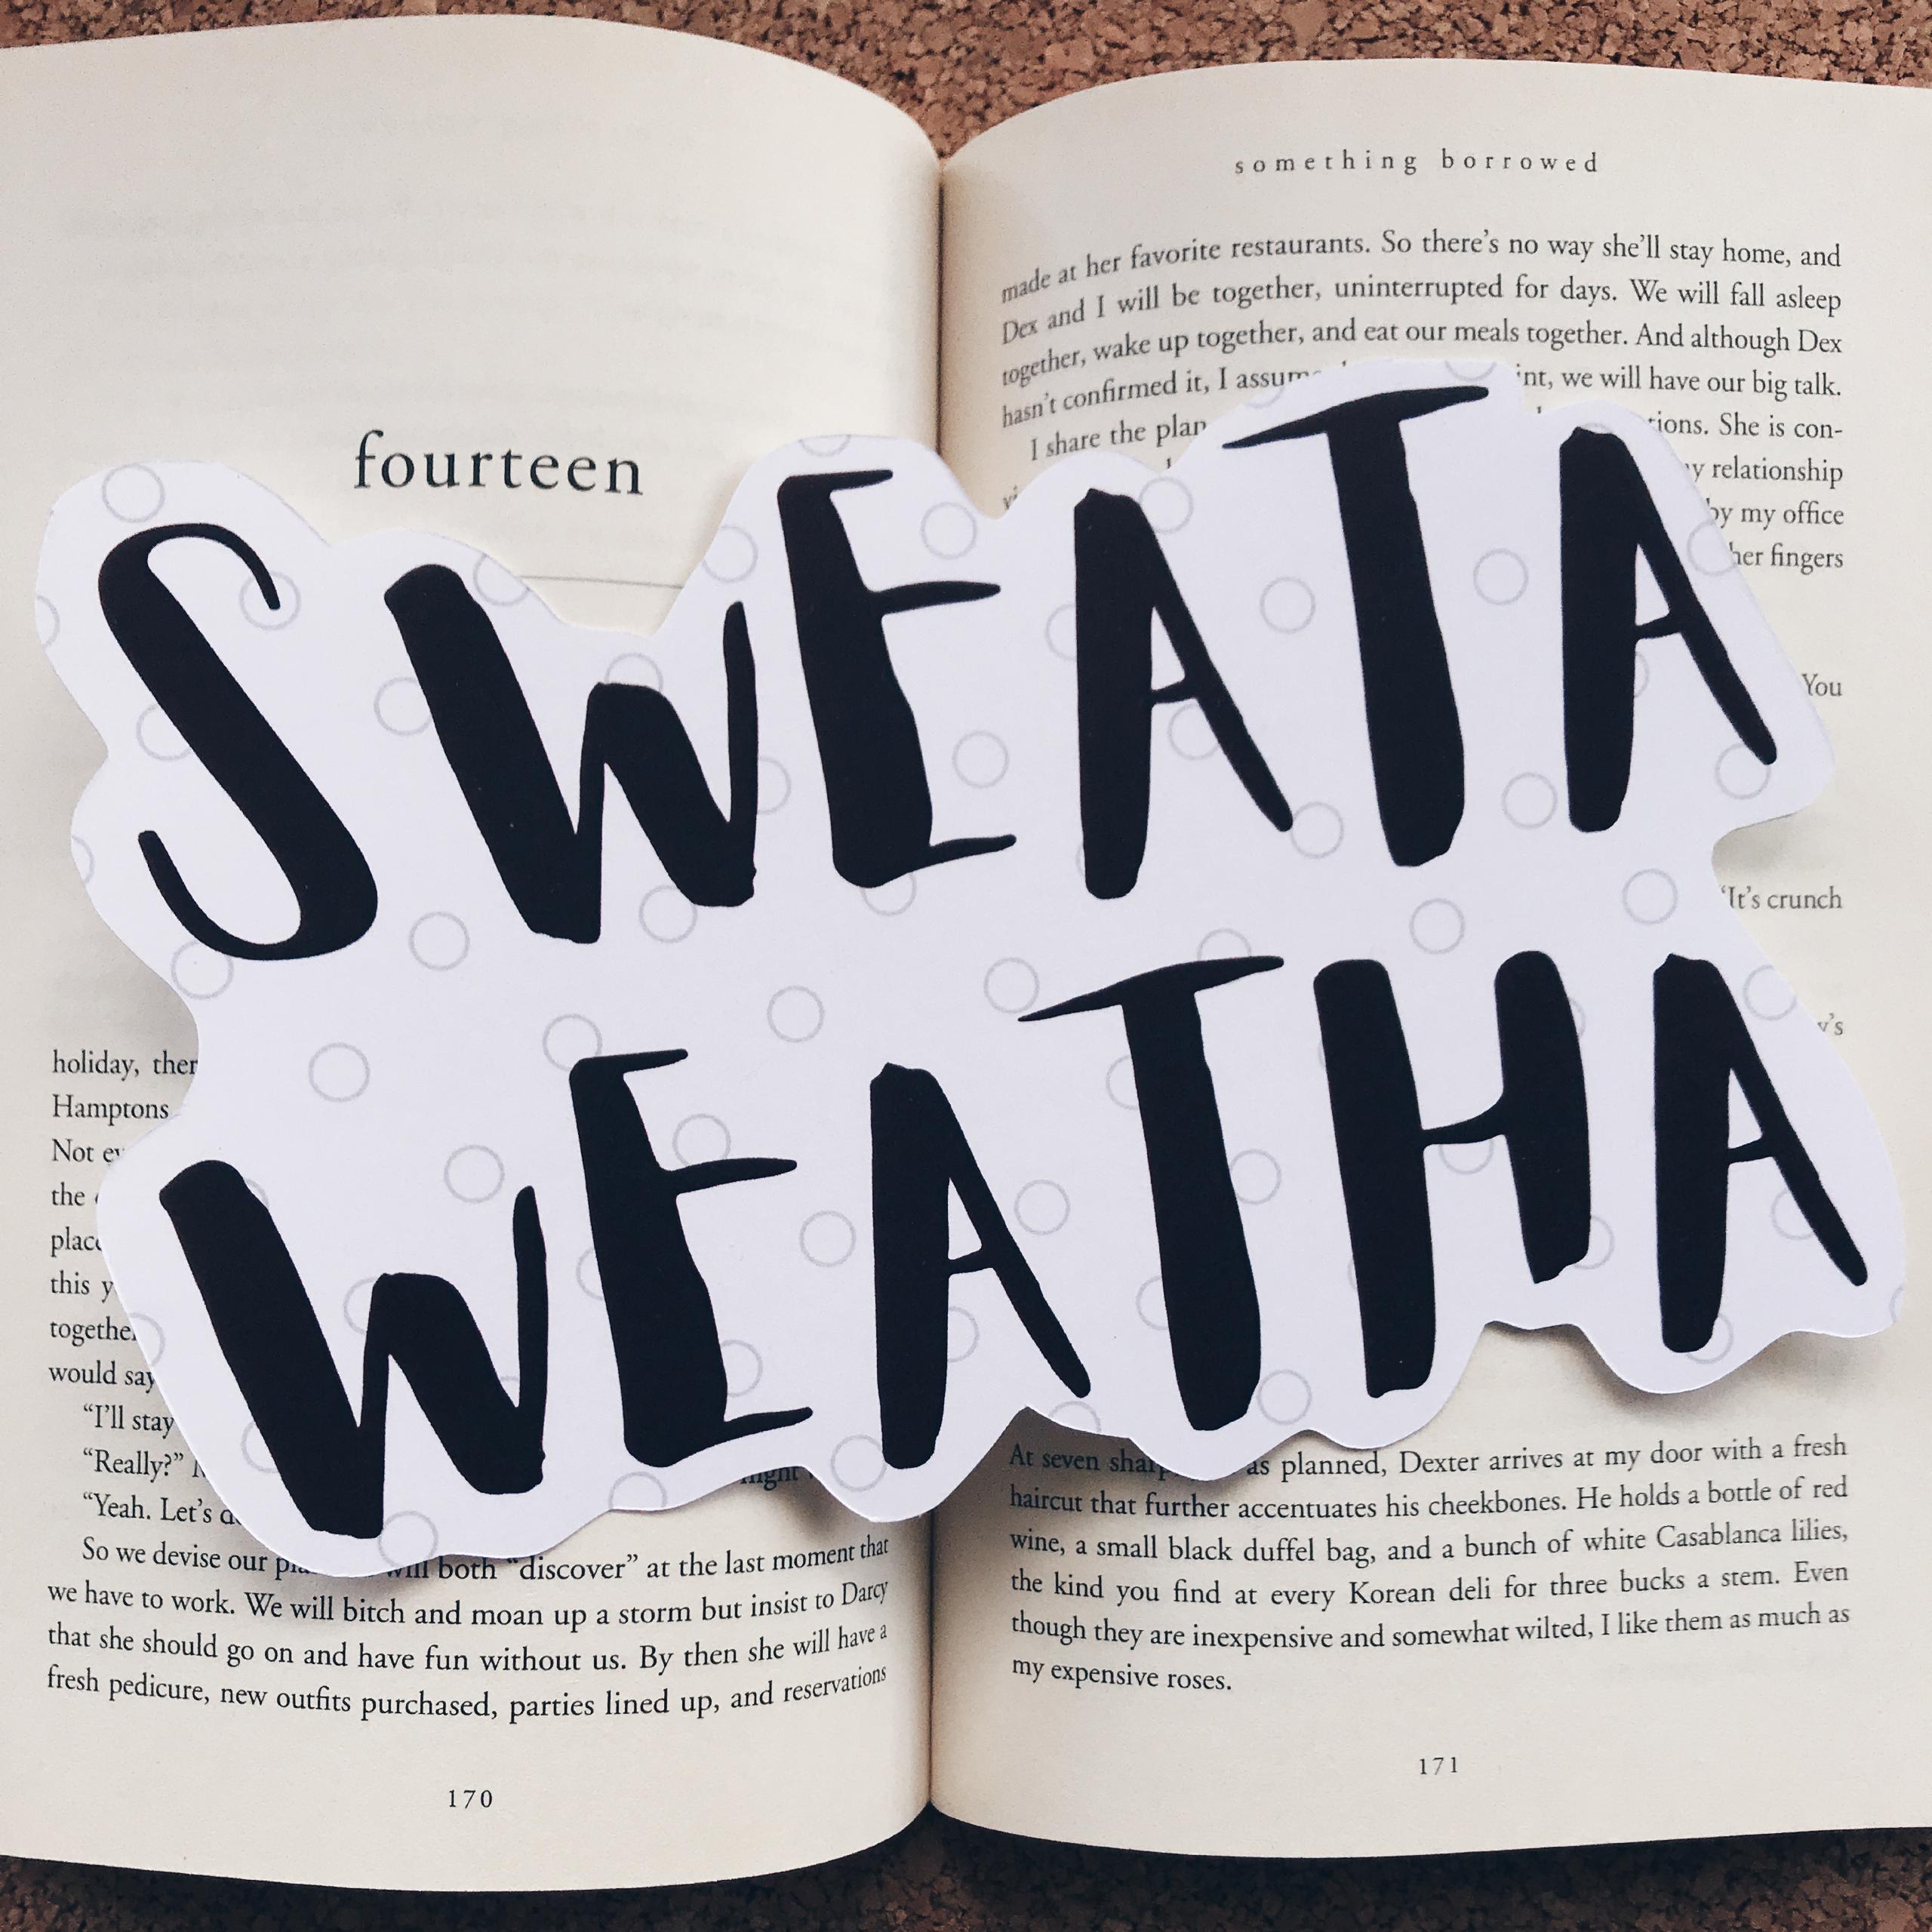 Sweata Weatha